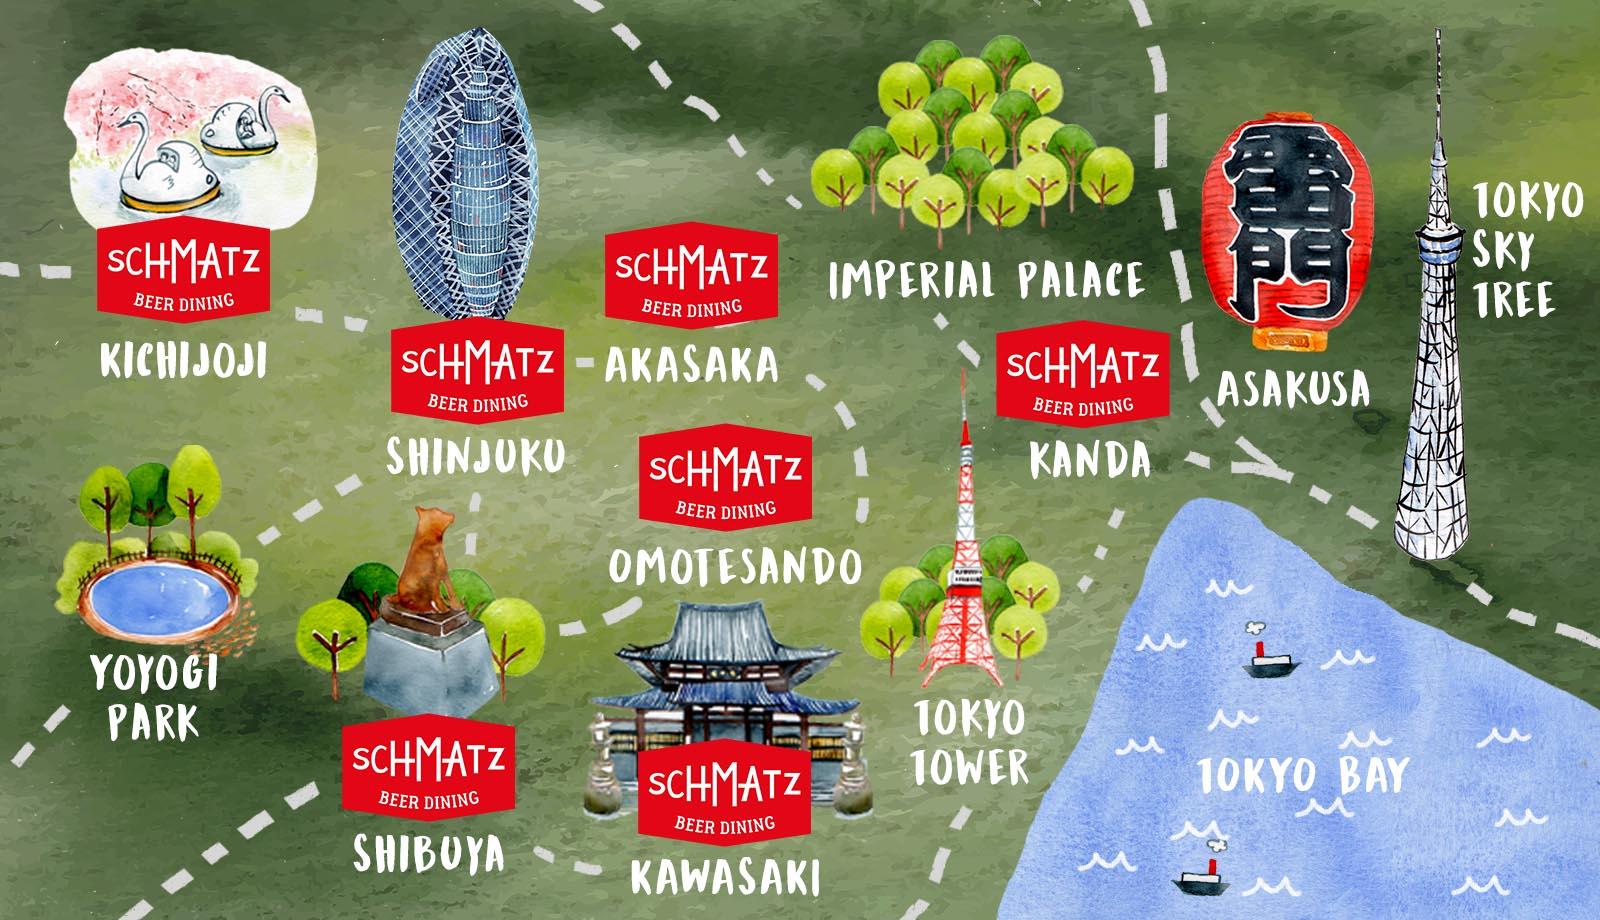 schmatz-map-workfile-1600x920-final02.jpg